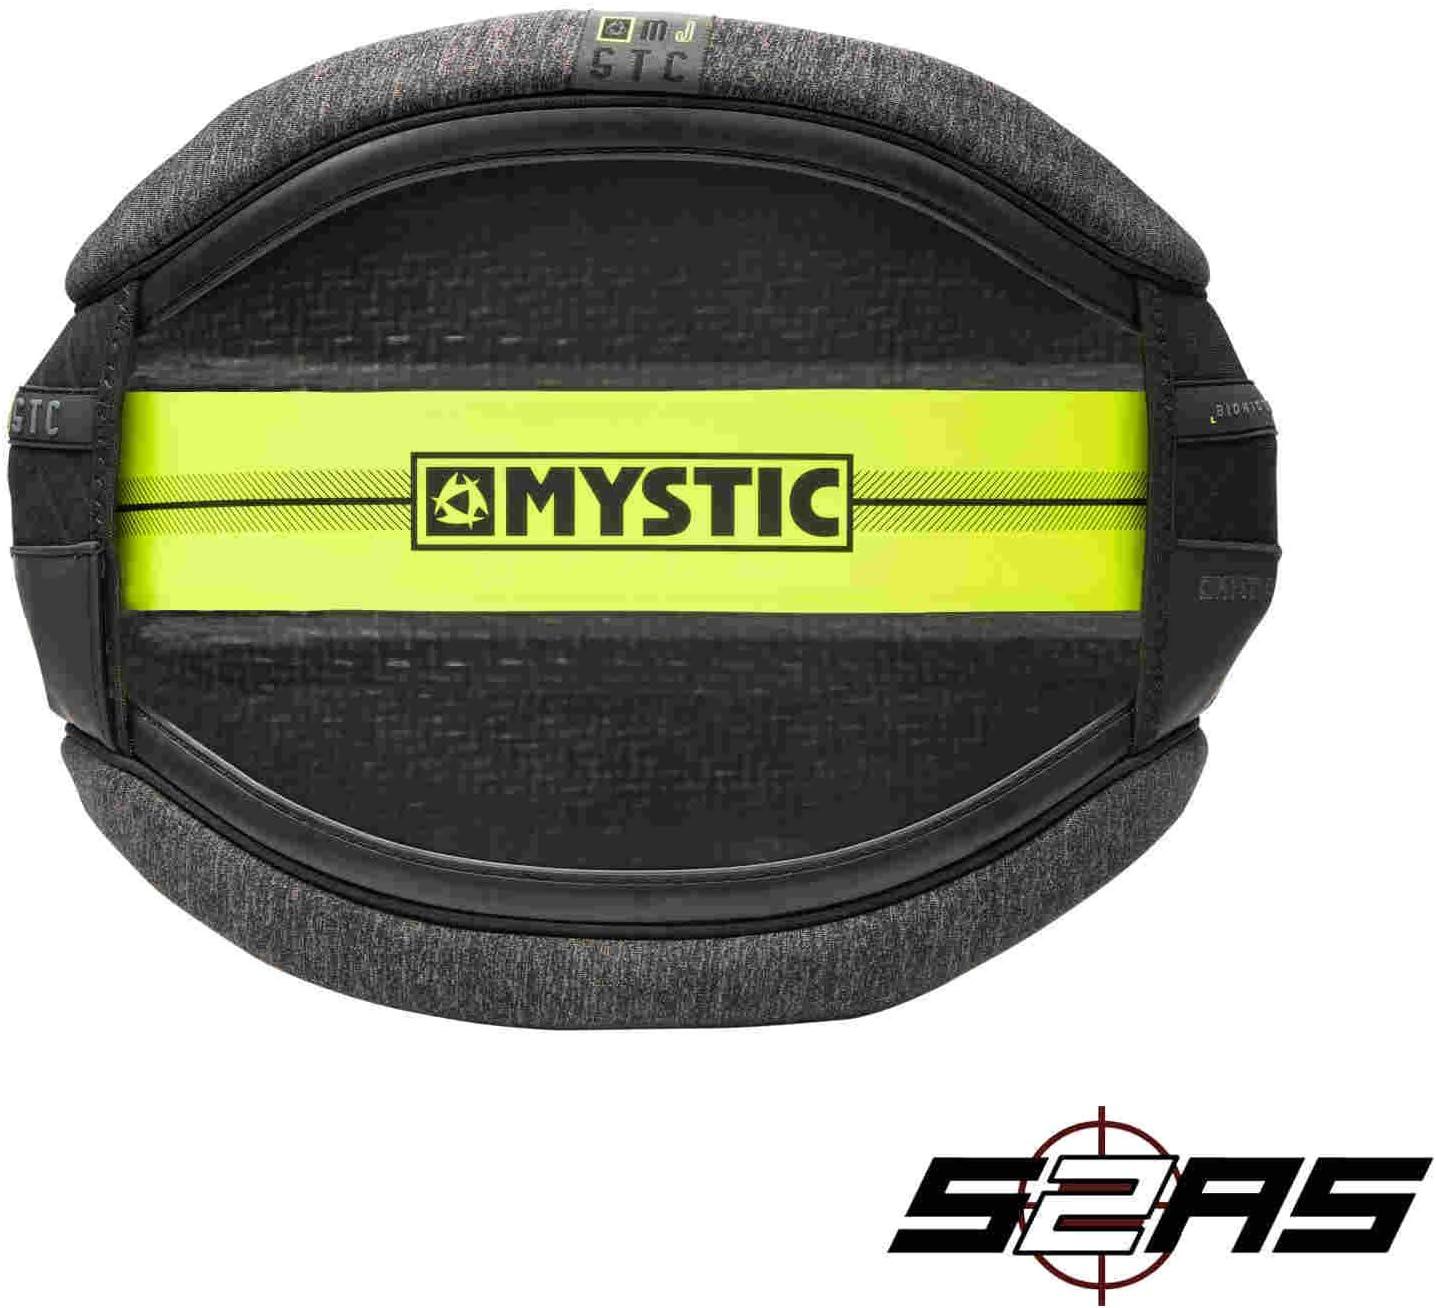 Mystic 2018マジェスティックウエストハーネス – No Spreader Barライム180072  ExtraLarge